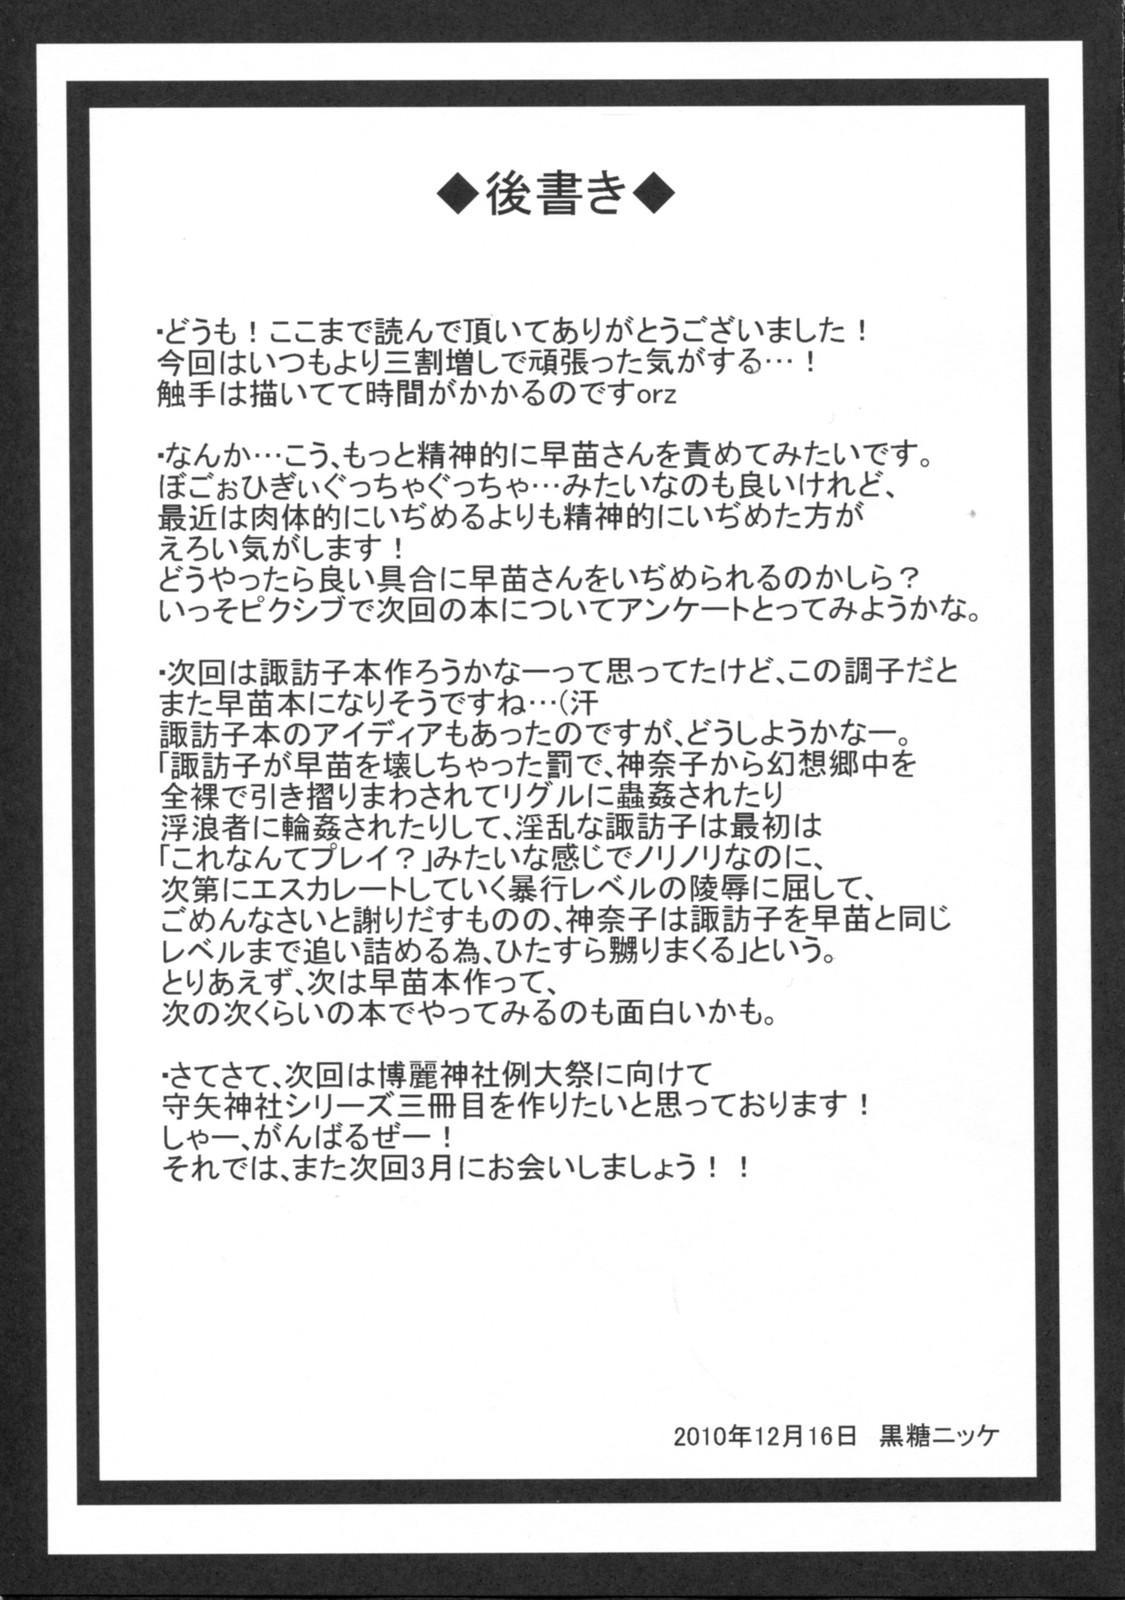 Youkai ni Haramasareta Sanae-san wo Hitasura Shokushu de Naburi Mawasu Moriya Jinja 23